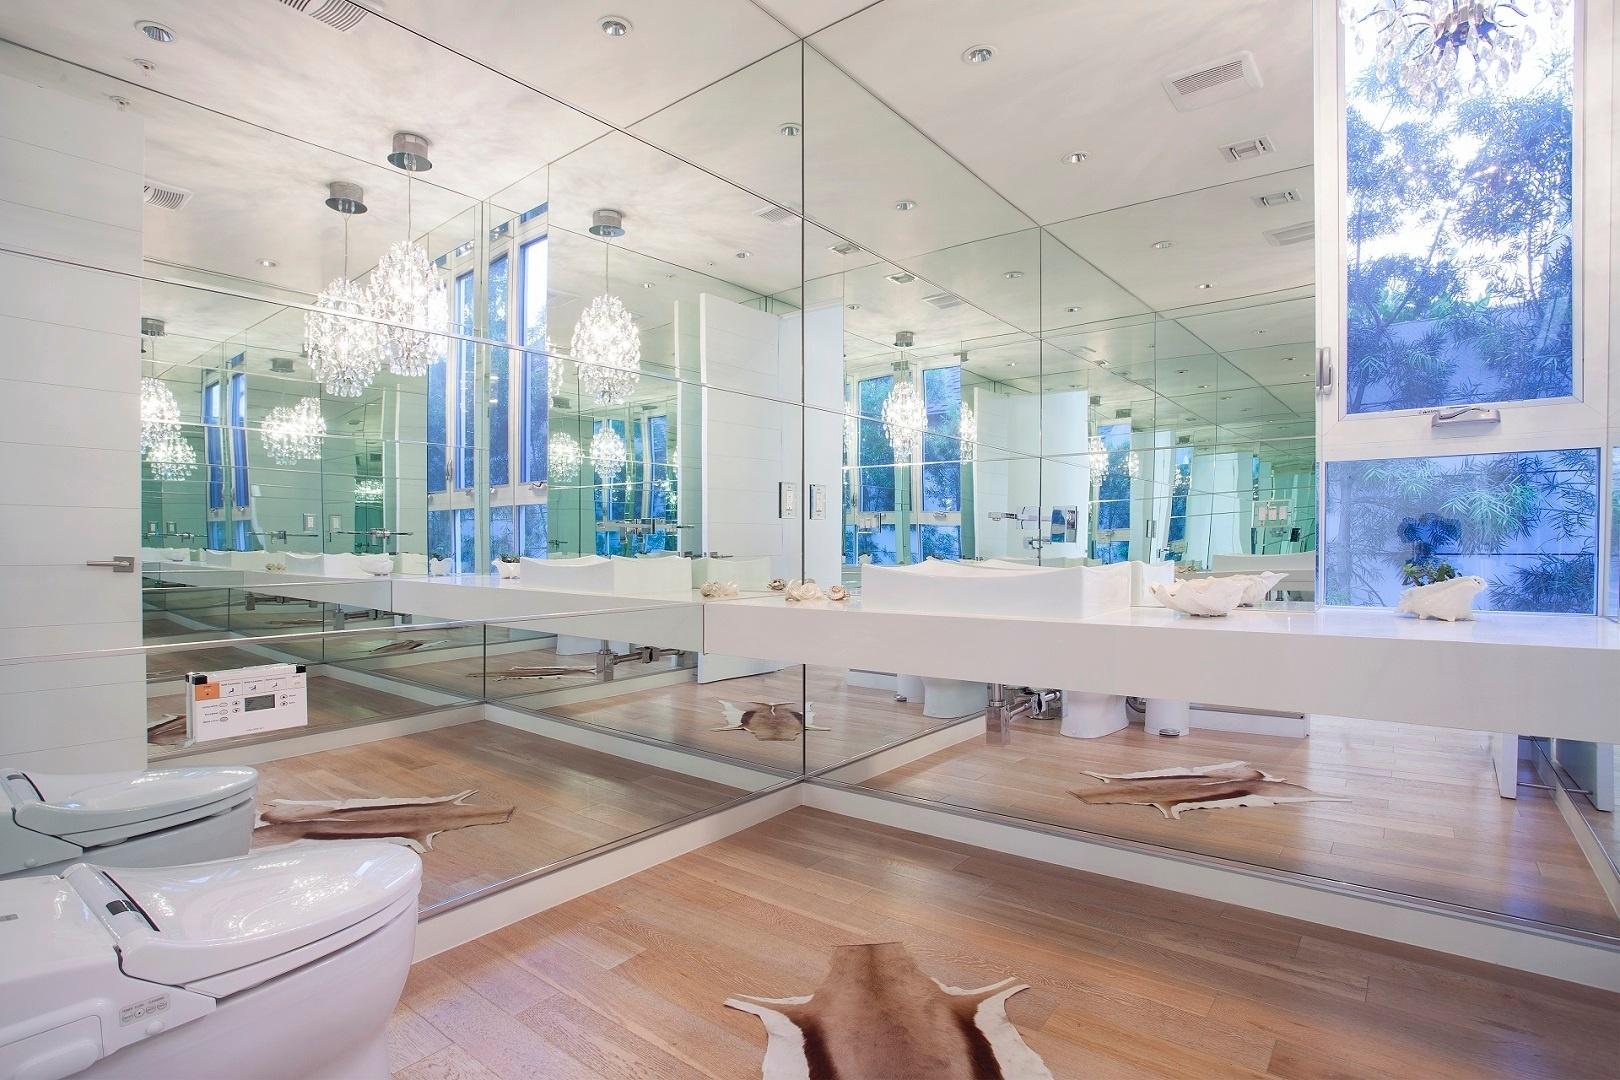 Ter um dia de celebridade também é possível no Airbnb. Por R$ 6.296 por dia, você aluga um quarto em uma casa luxuosa com direito a banheiro espelhado, louças brancas, lustres de cristal e tapete de pele animal, em Los Angeles, Estados Unidos